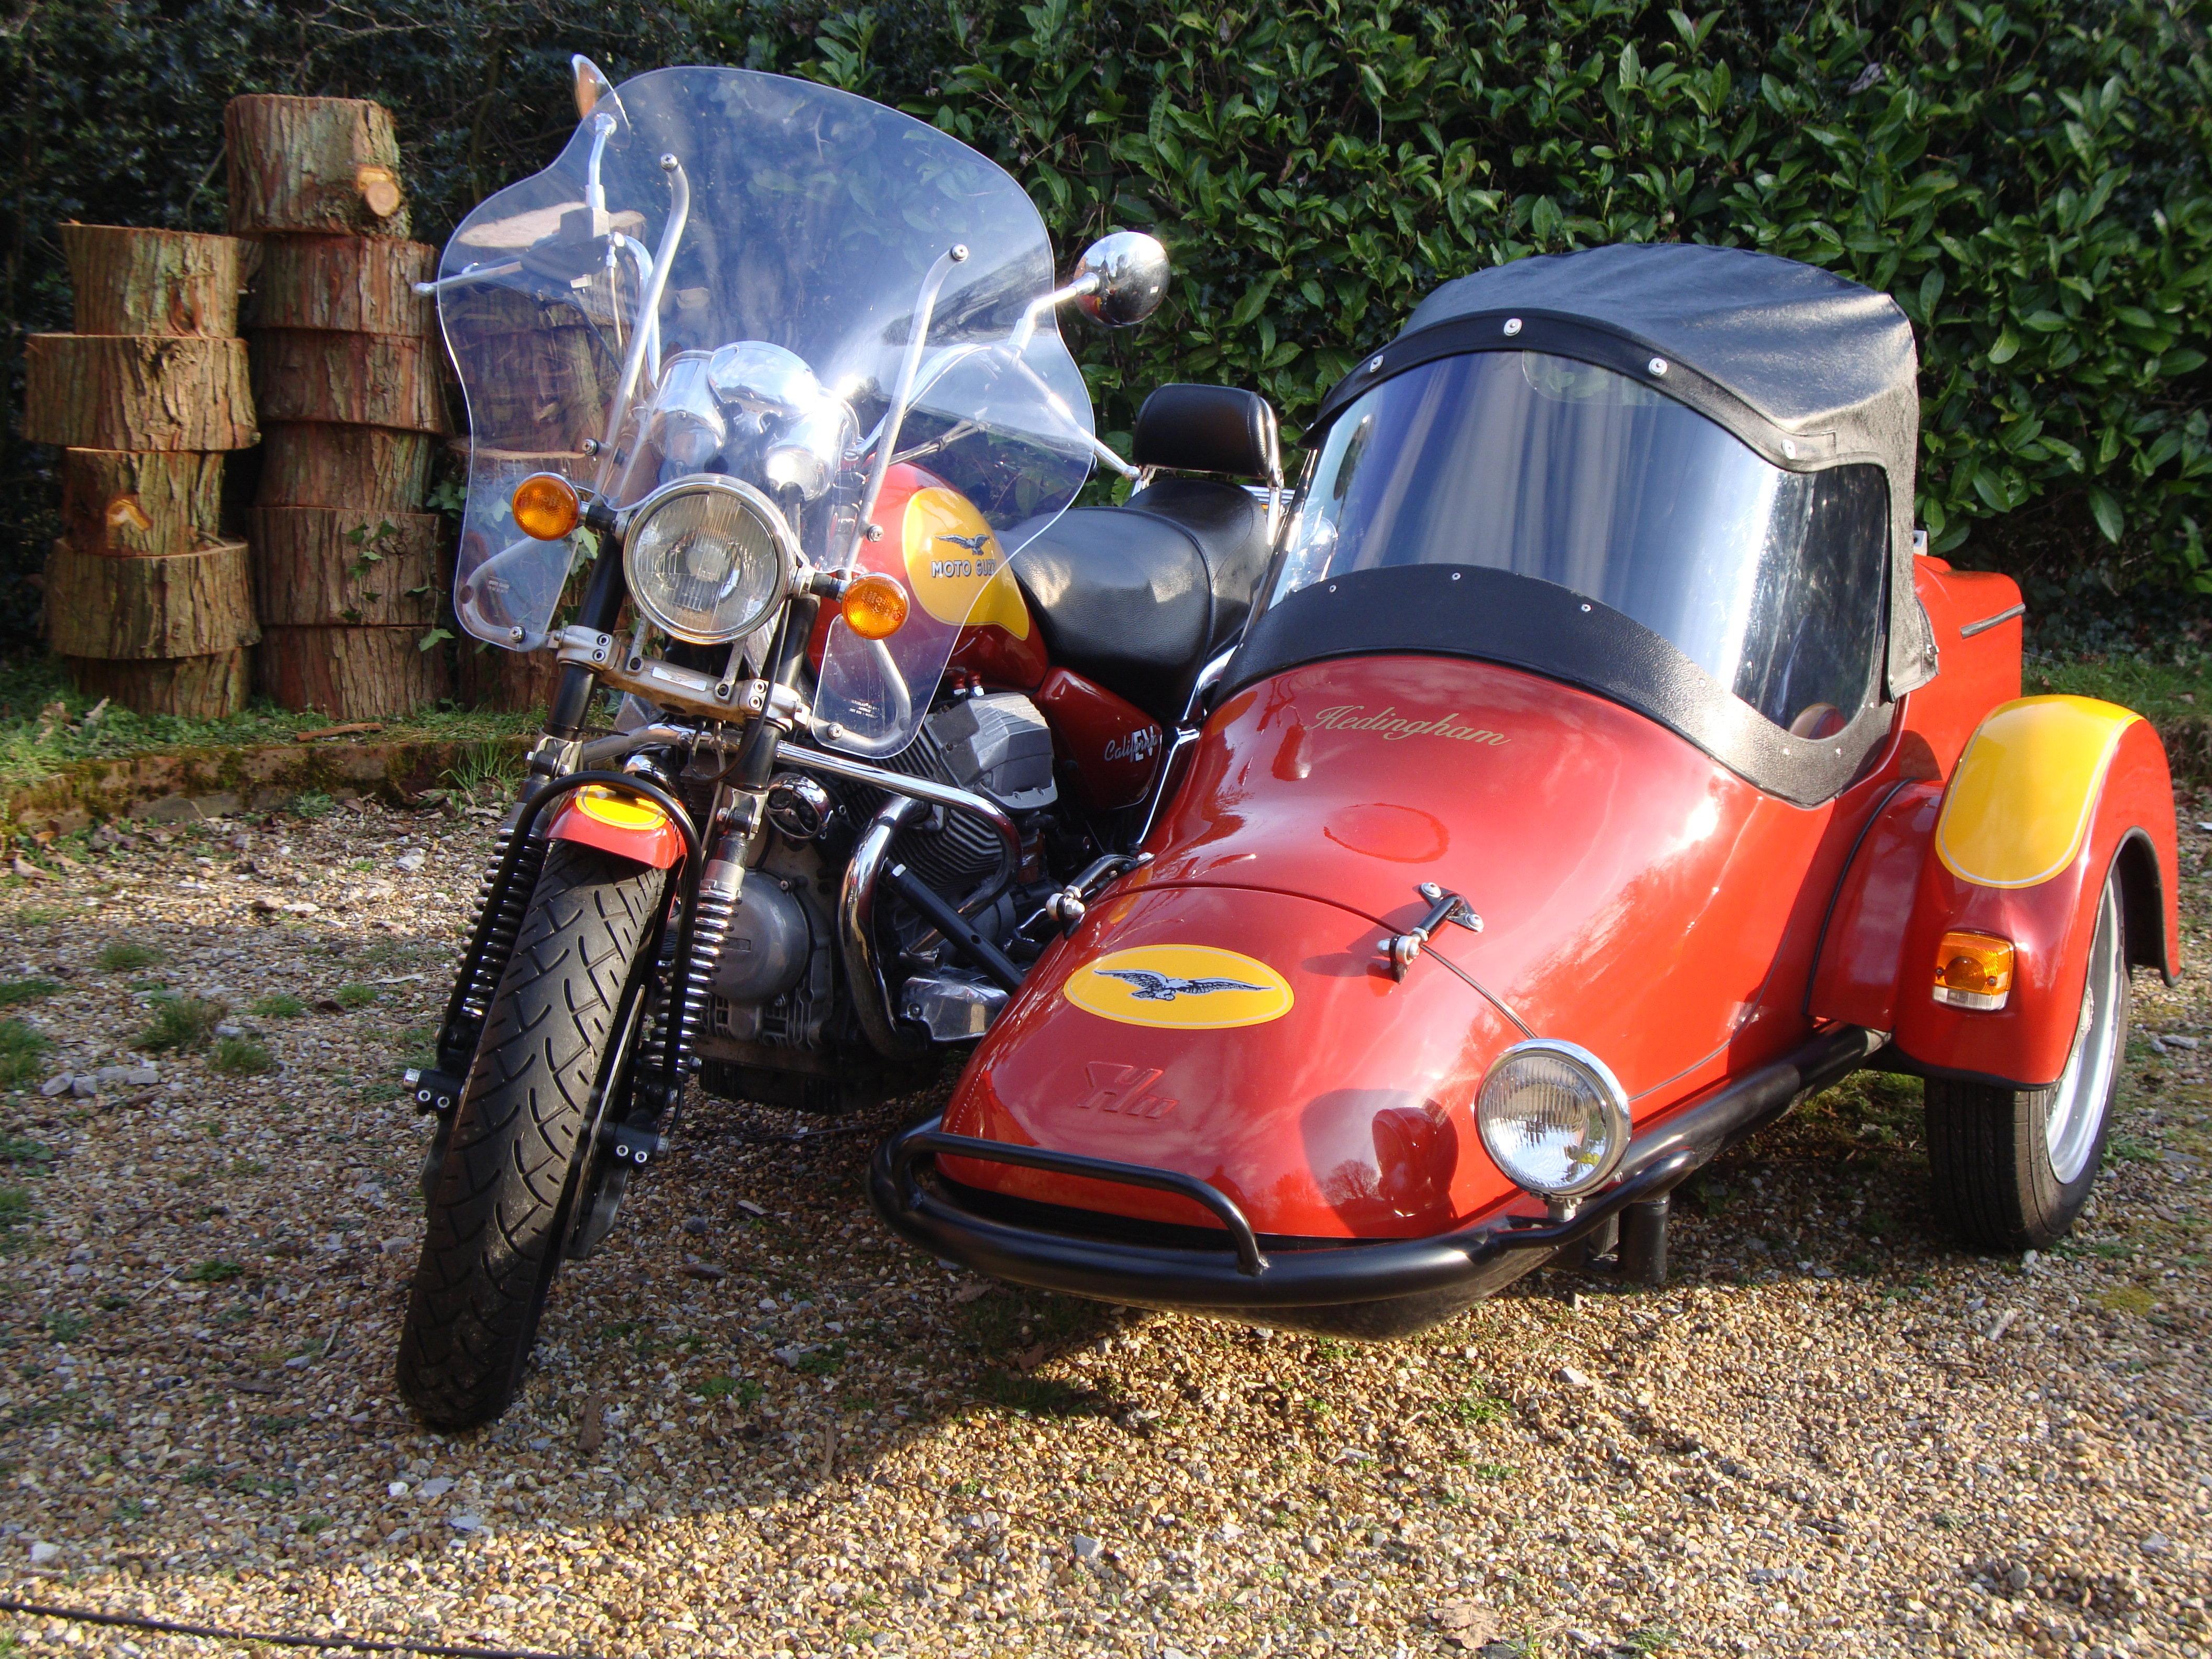 Moto Guzzi Cali with Hedingham XL sidecar